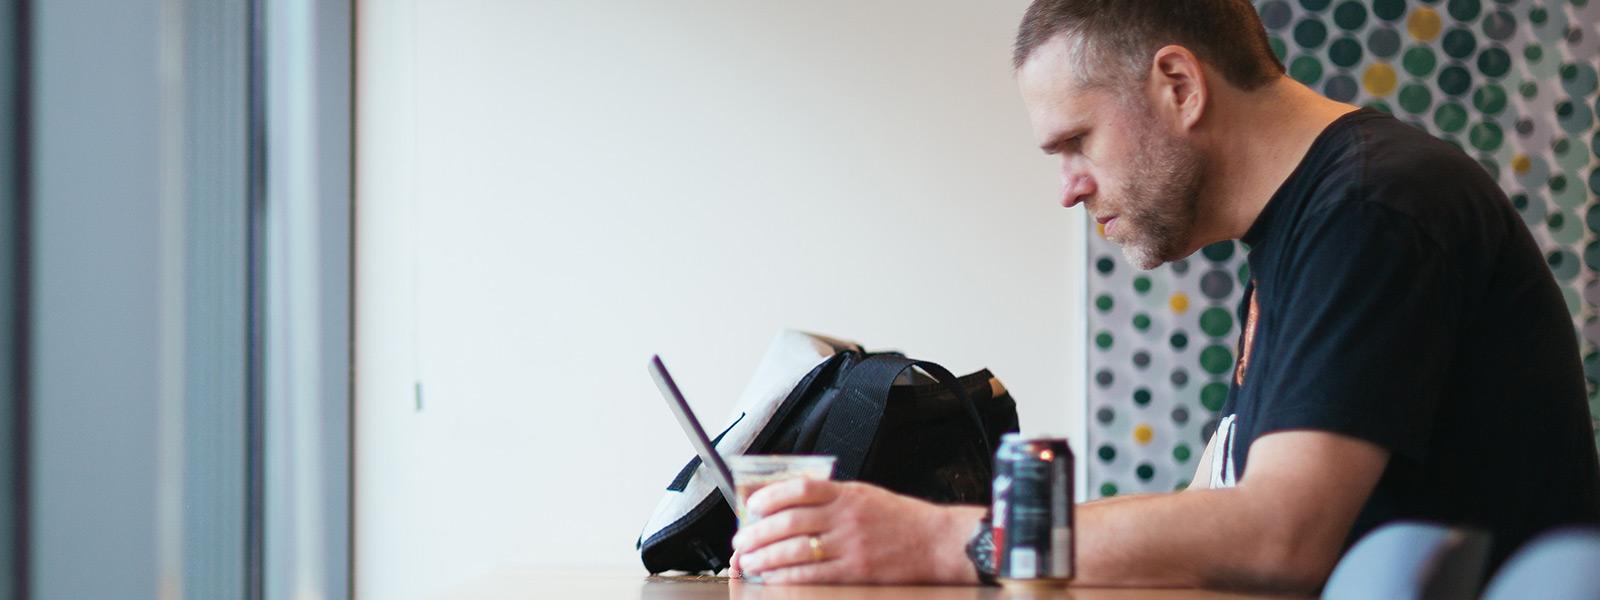 Άντρας καθισμένος σε ένα γραφείο, ο οποίος εργάζεται σε υπολογιστή Windows 10.